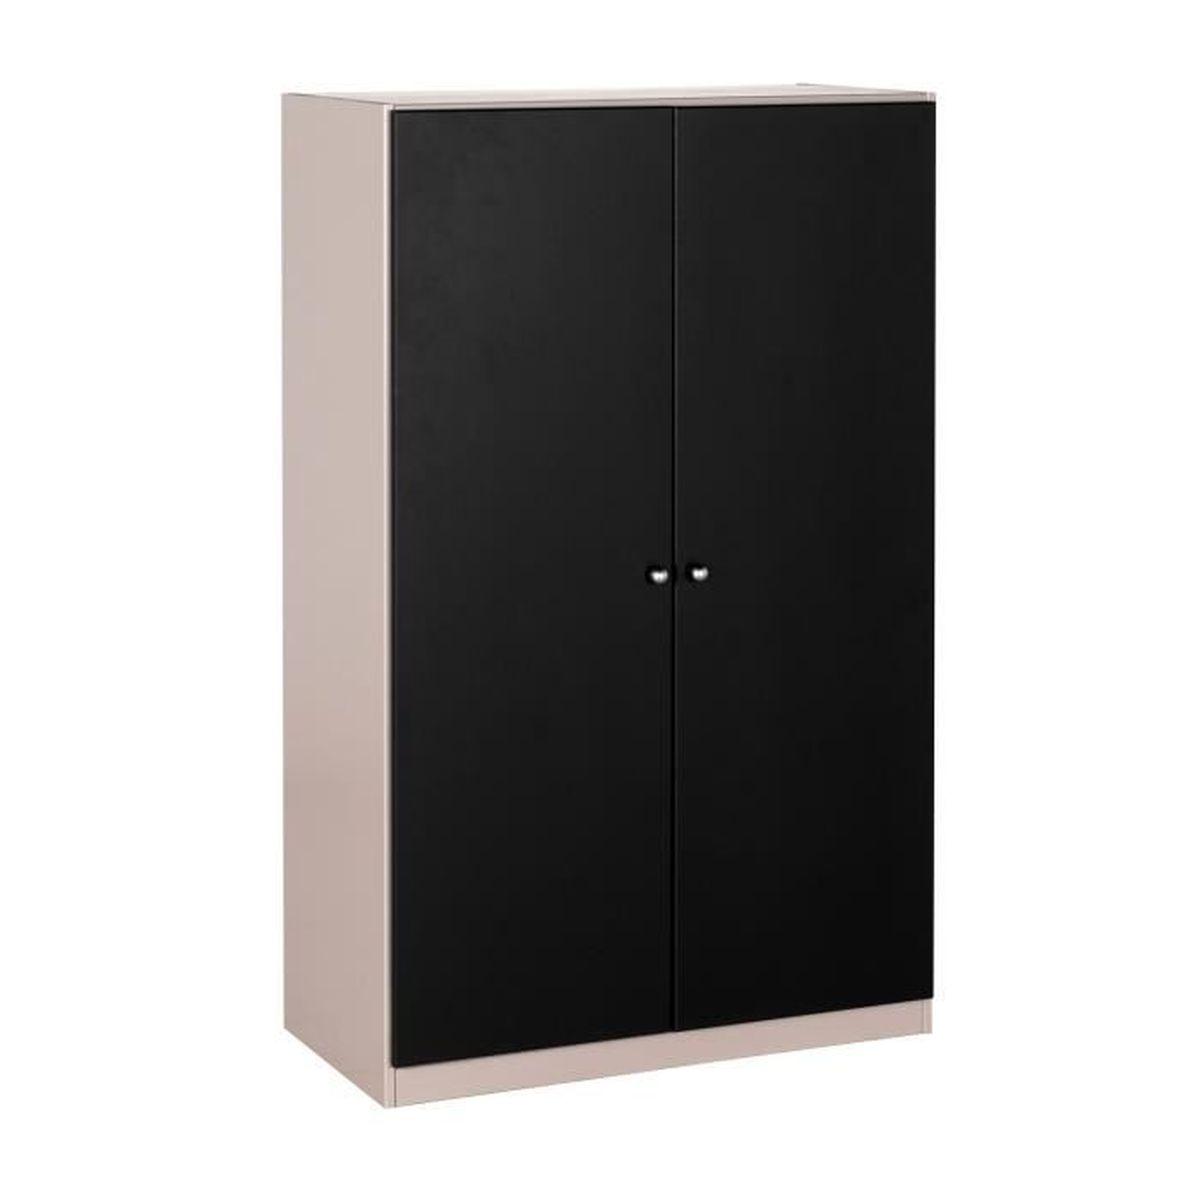 petite armoire achat vente petite armoire pas cher soldes d s le 10 janvier cdiscount. Black Bedroom Furniture Sets. Home Design Ideas